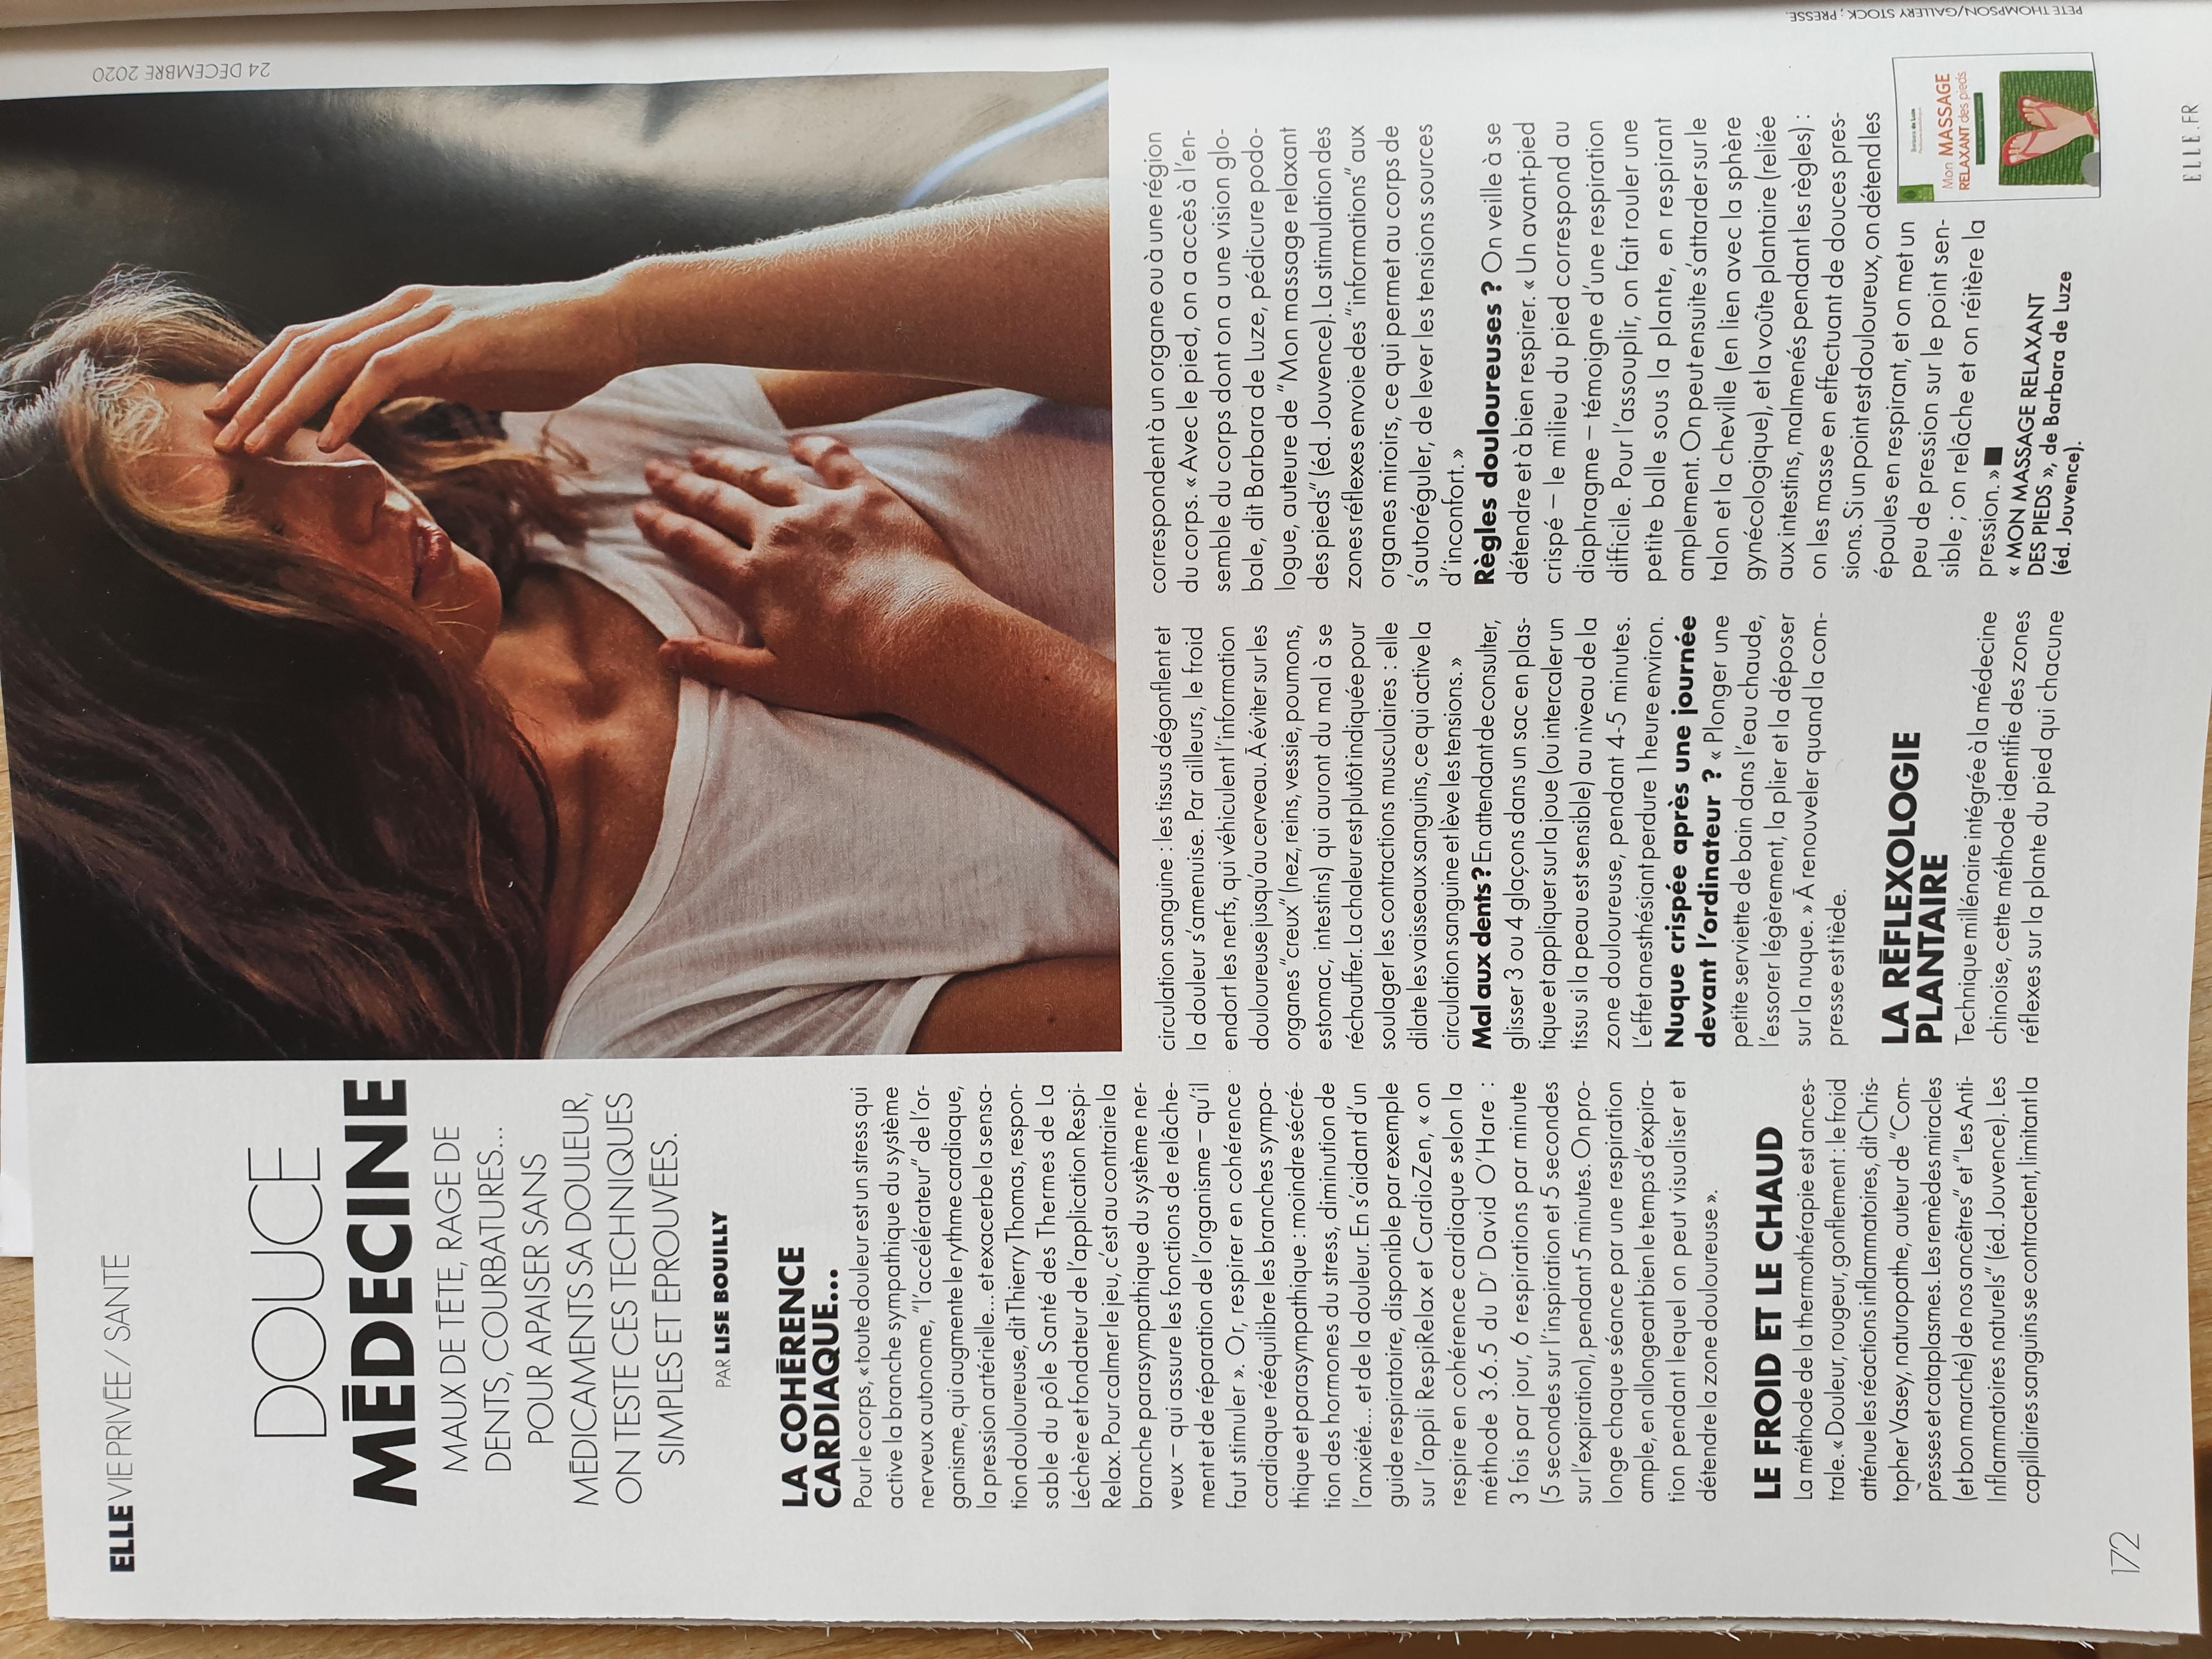 La réflexologie dans ELLE magazine